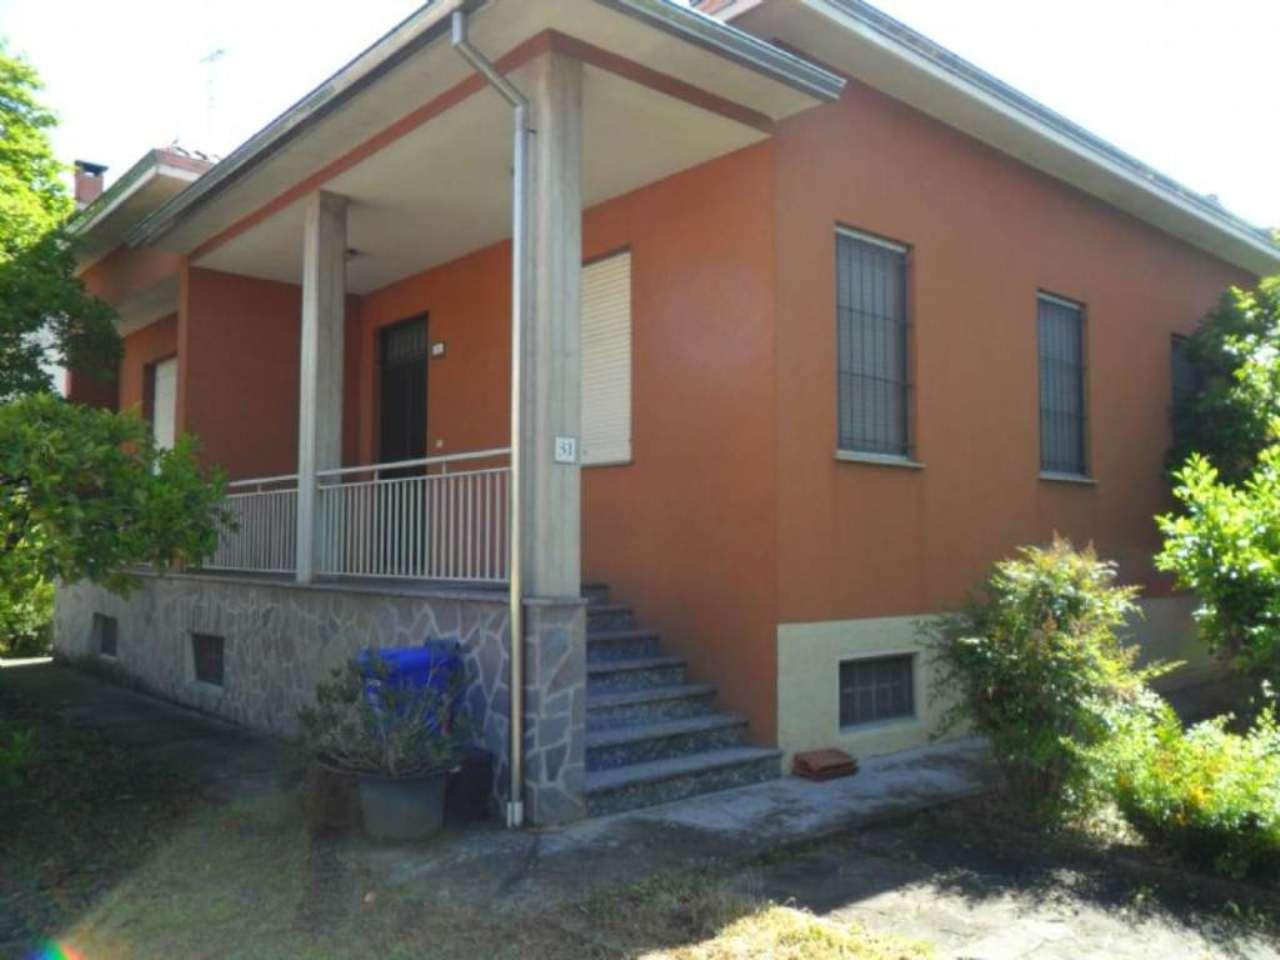 Soluzione Indipendente in vendita a Medesano, 3 locali, prezzo € 160.000   Cambio Casa.it